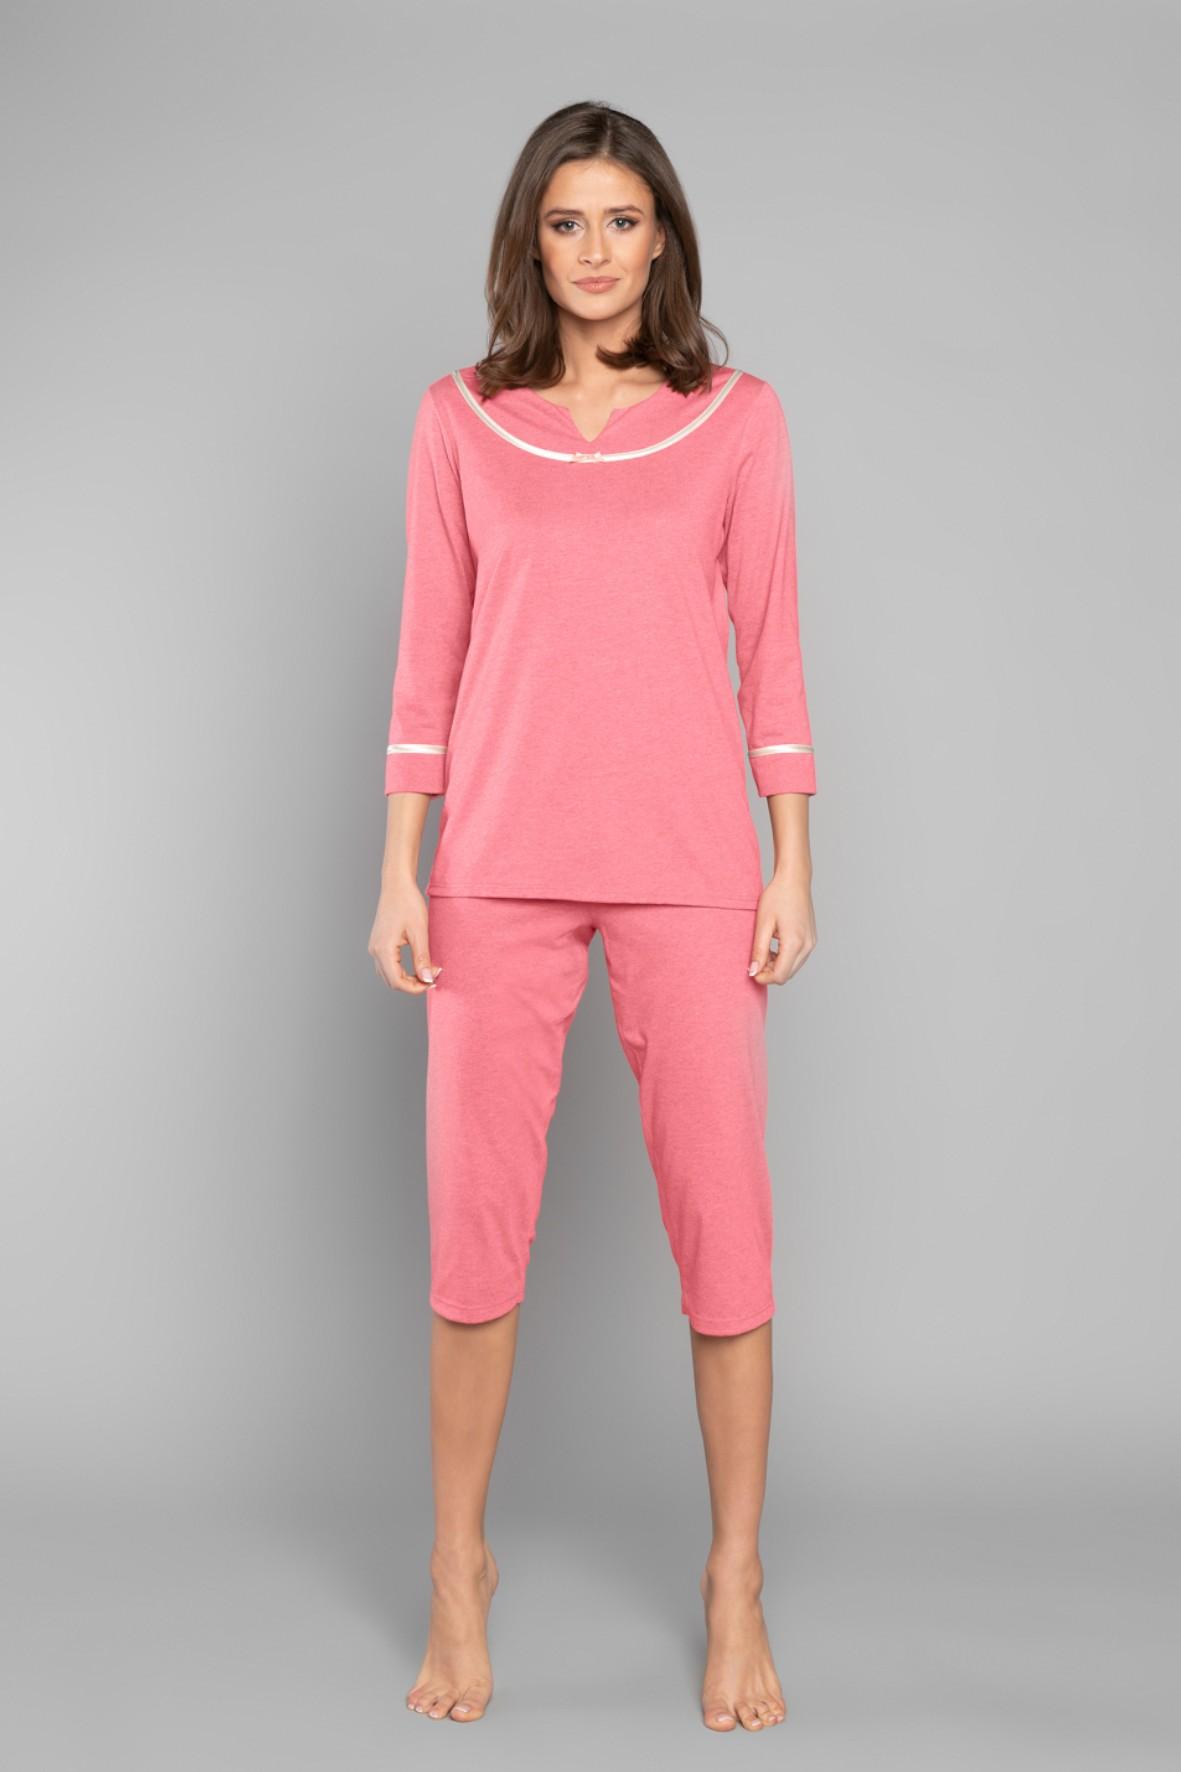 Piżama damska - t-shirt 3/4 rękaw i spodnie